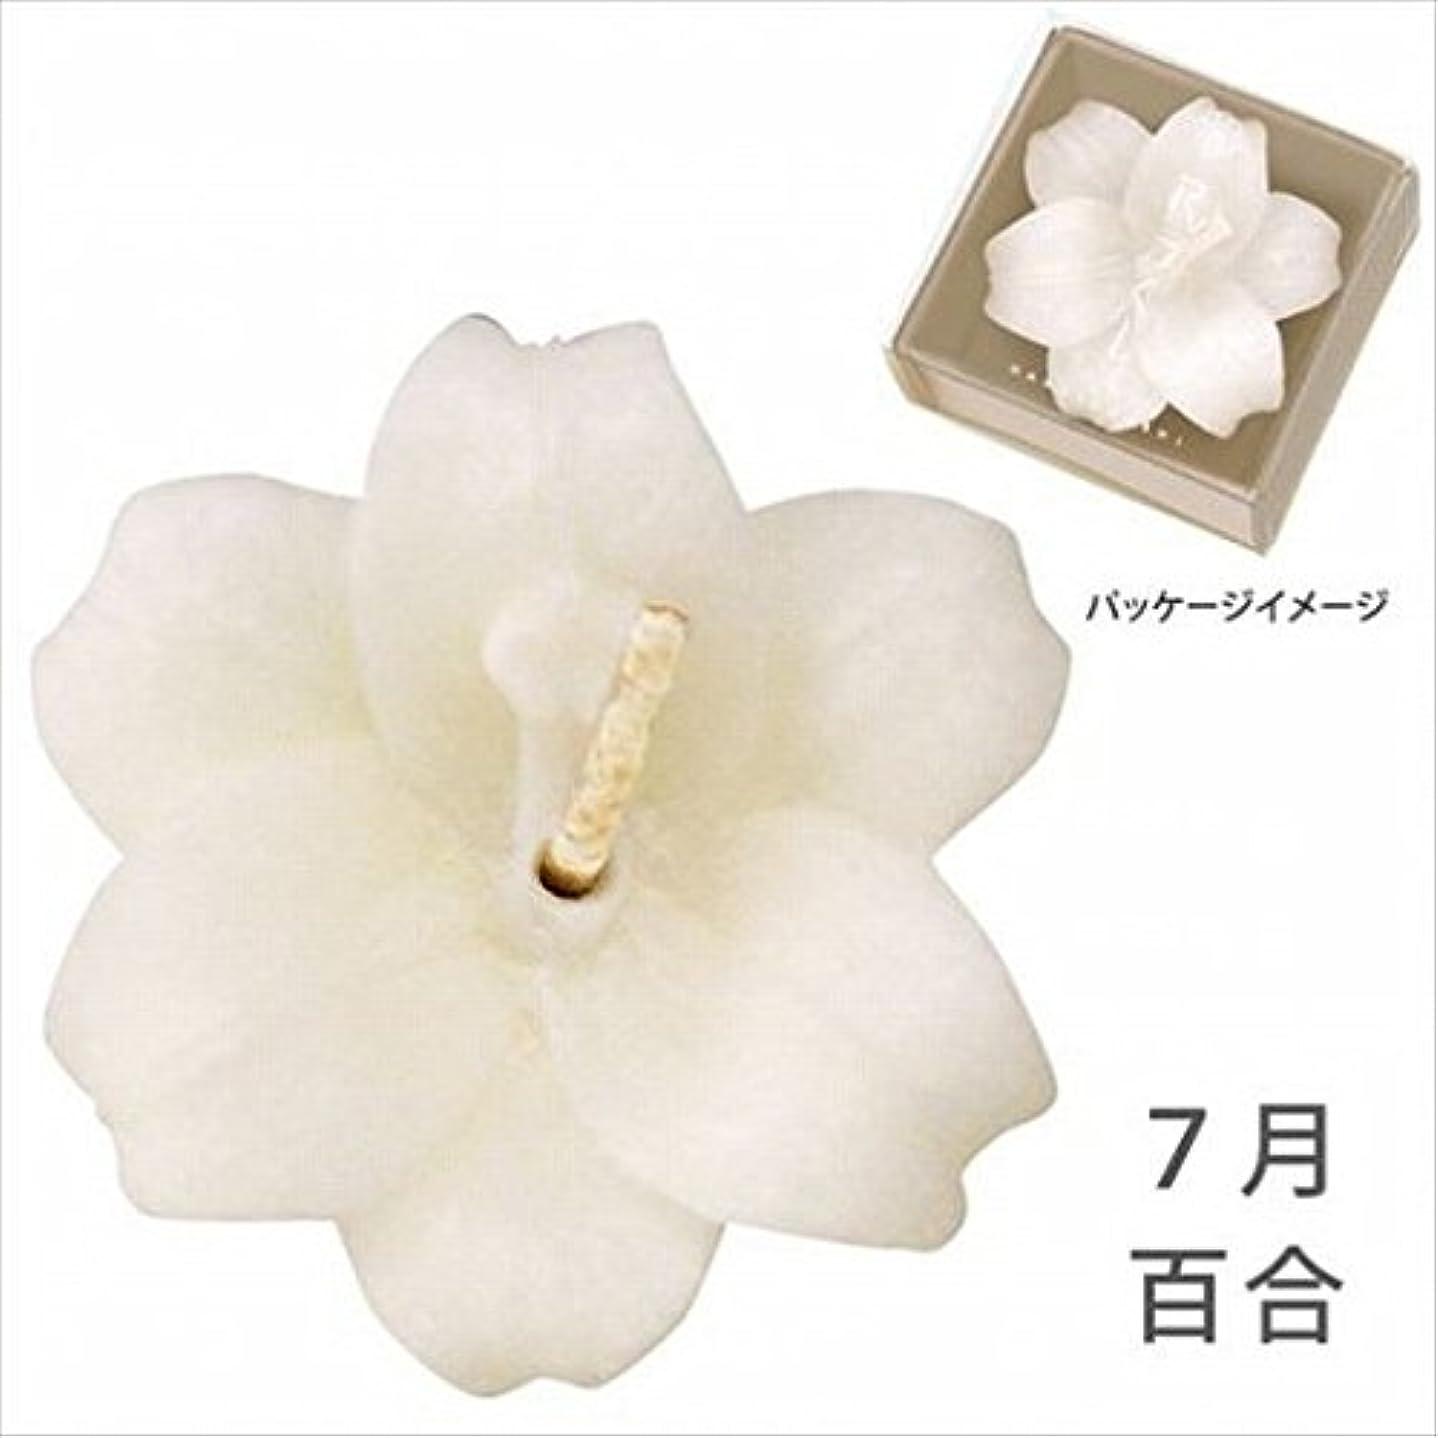 ローラーけがをする行動kameyama candle(カメヤマキャンドル) 花づくし(植物性) 百合 「 百合(7月) 」 キャンドル(A4620580)